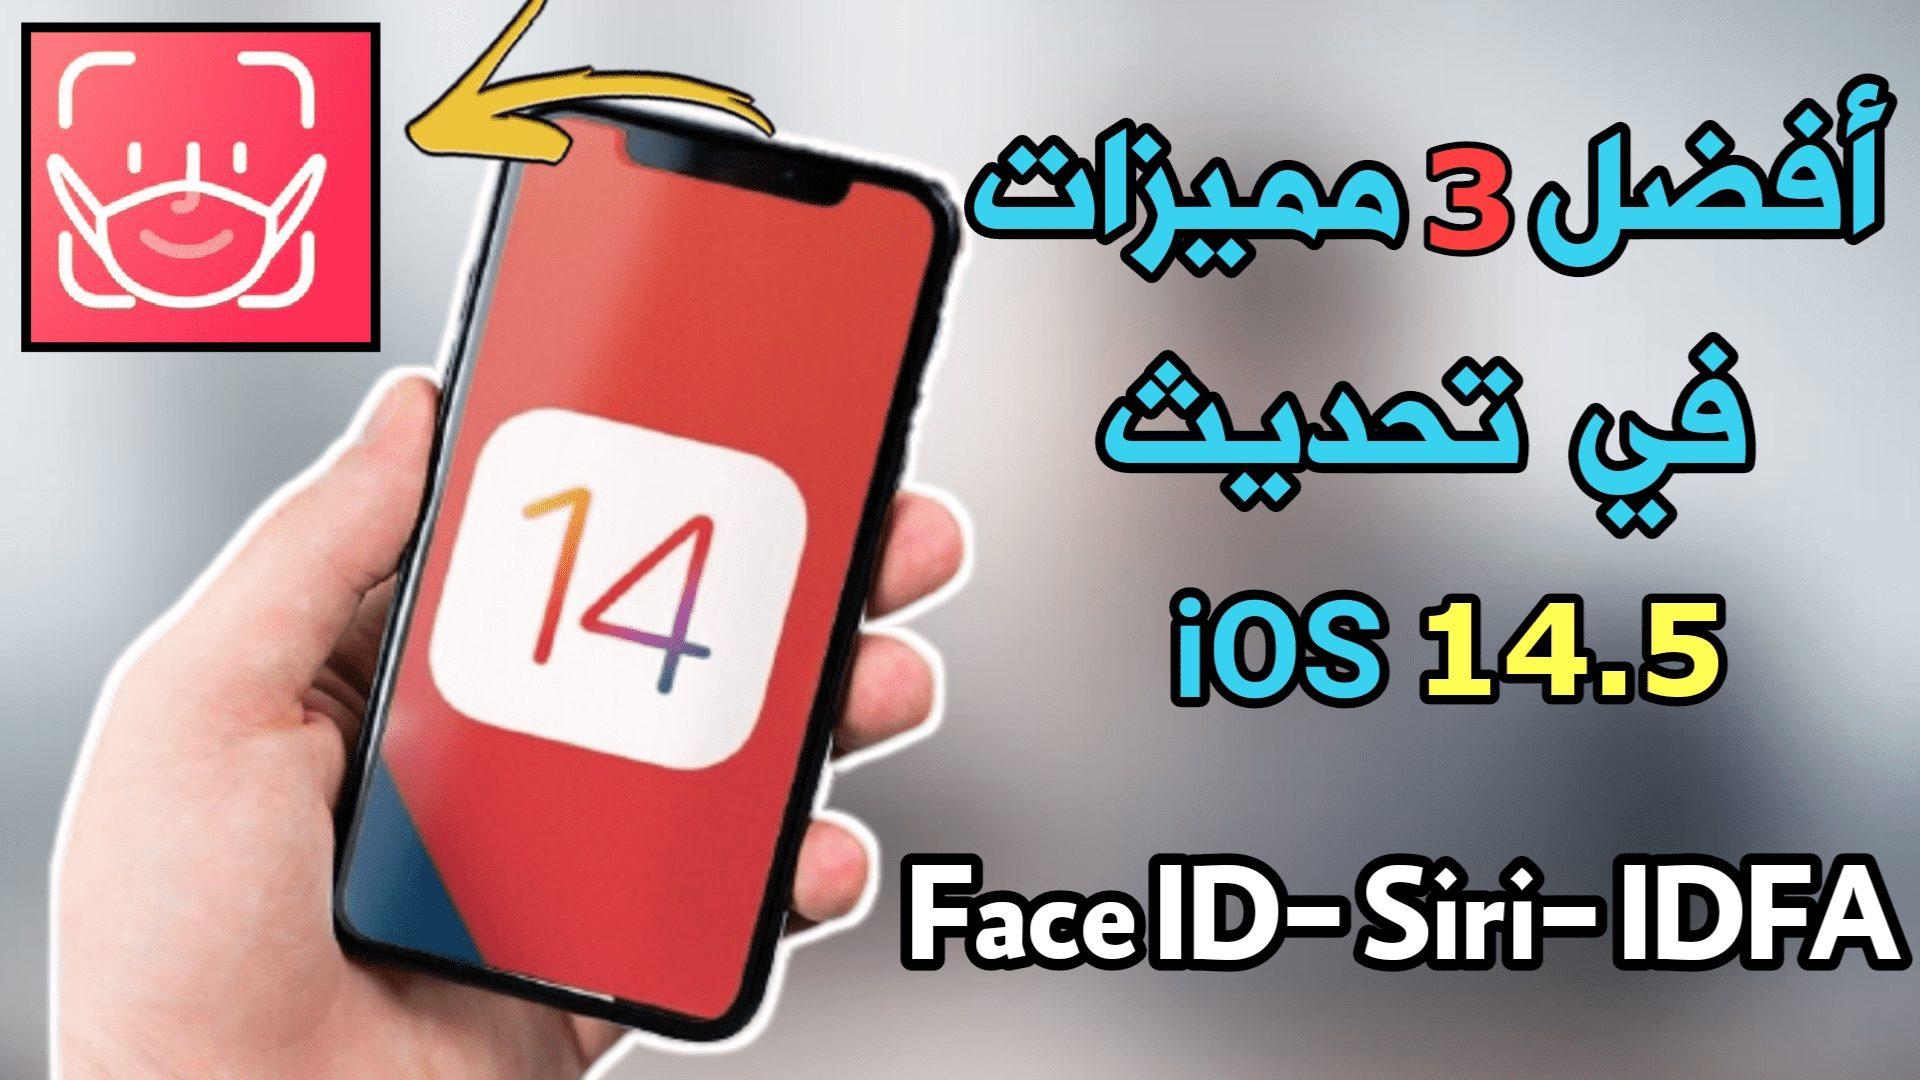 مميزات تحديث iOS 14.5 القادم من آبل 3 مميزات ينتظرها الجميع